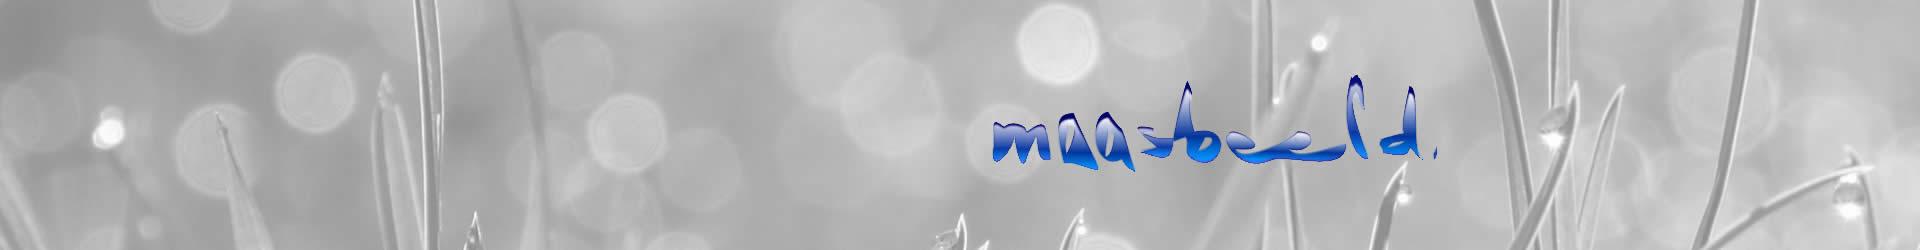 Maasbeeld webdesign